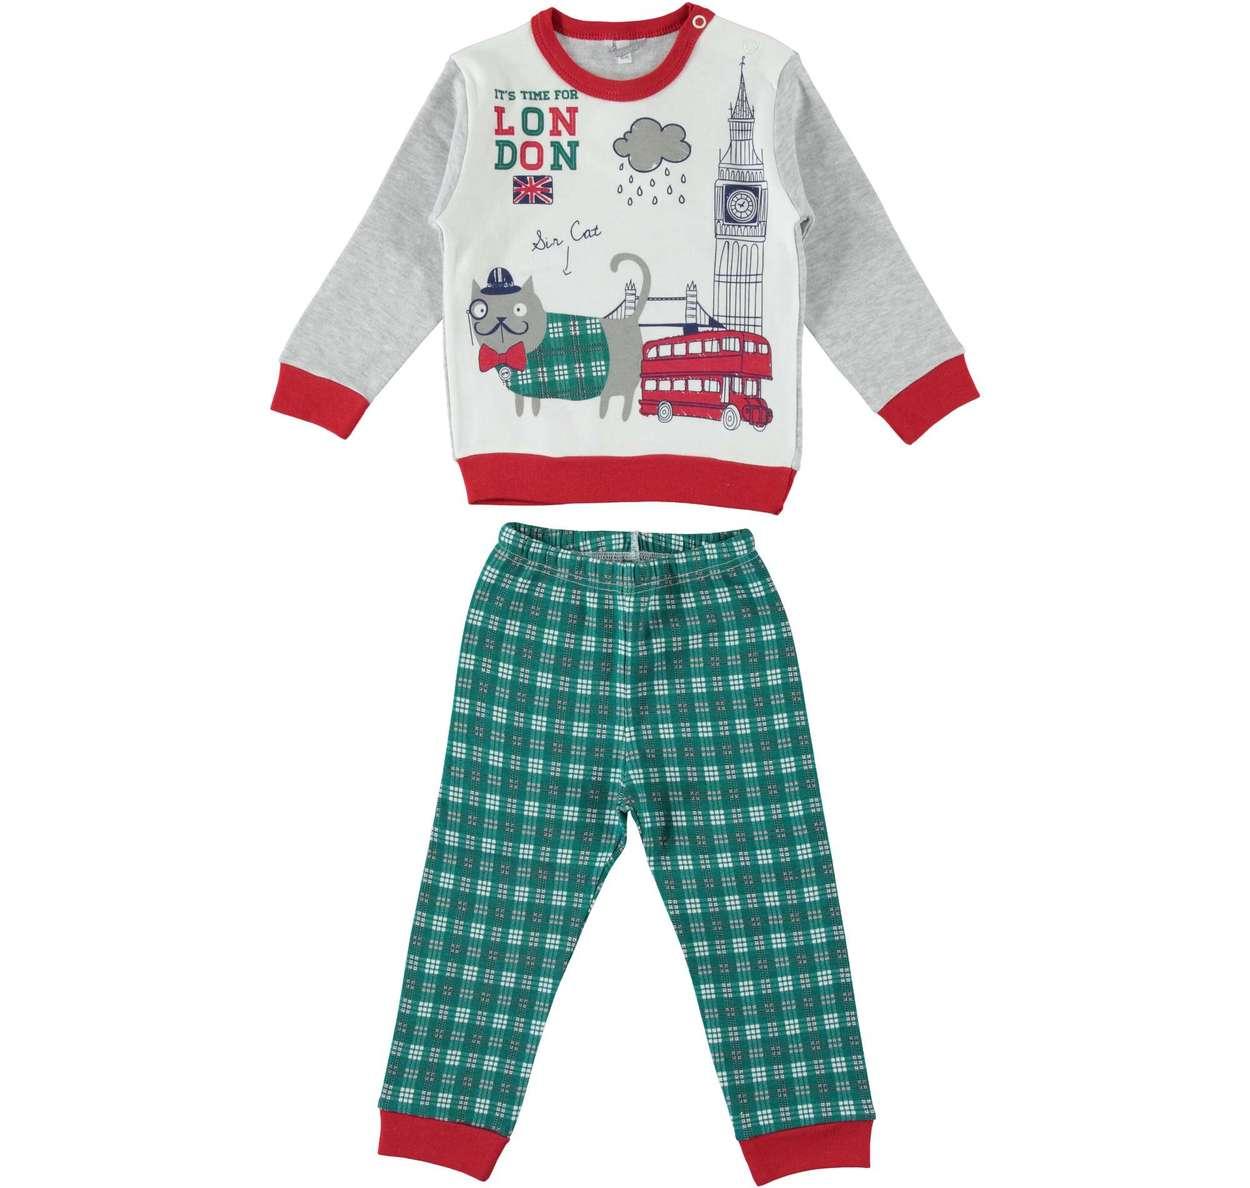 47fed1d8fa Pigiama per bambino stampa stile british con pantalone a quadretti da 6 a  36 mesi iDO